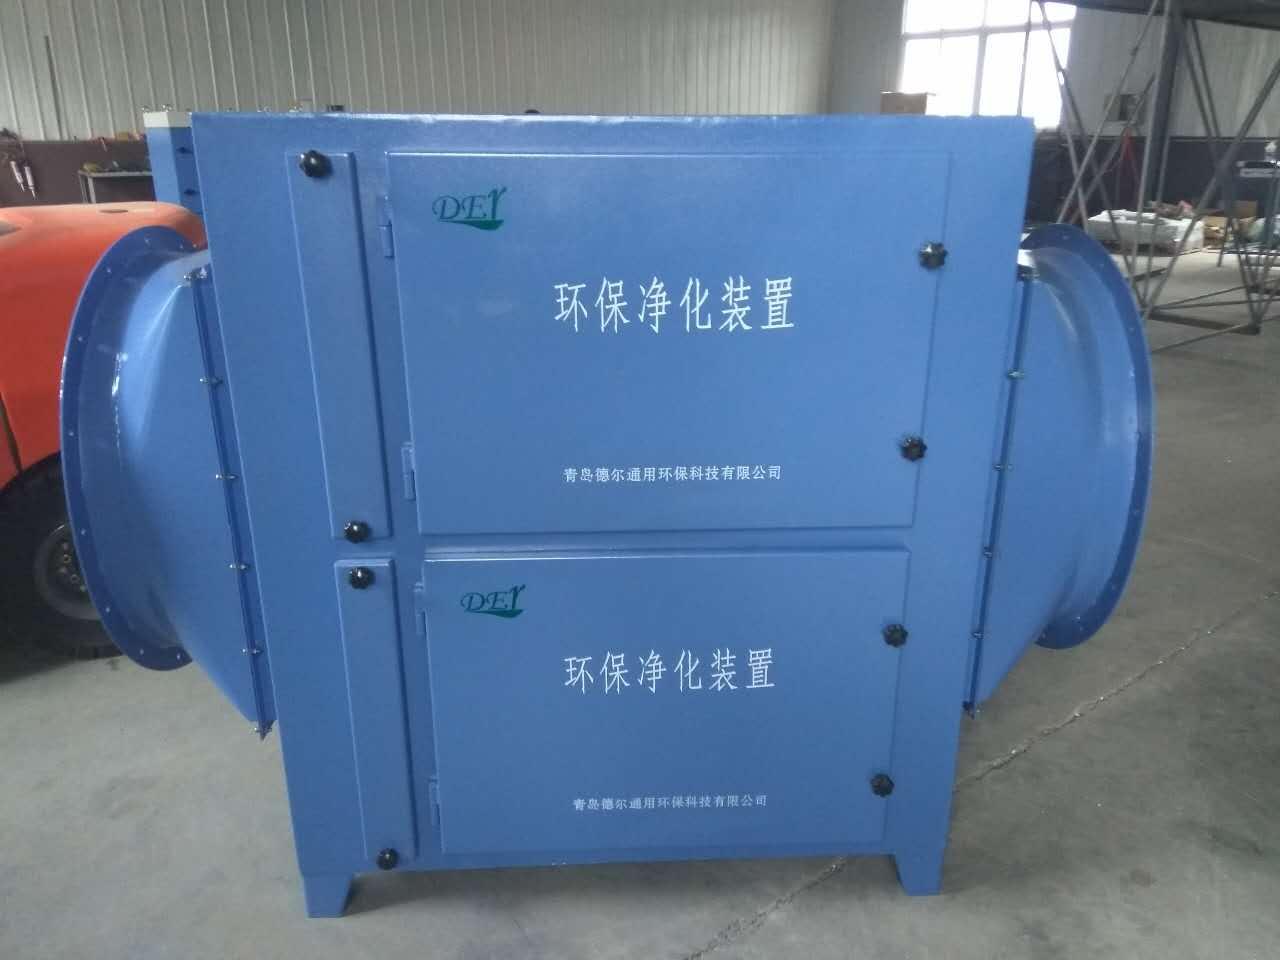 销售武汉德尔活性炭净化器ZK-FK-5.0厂家直销经济实惠